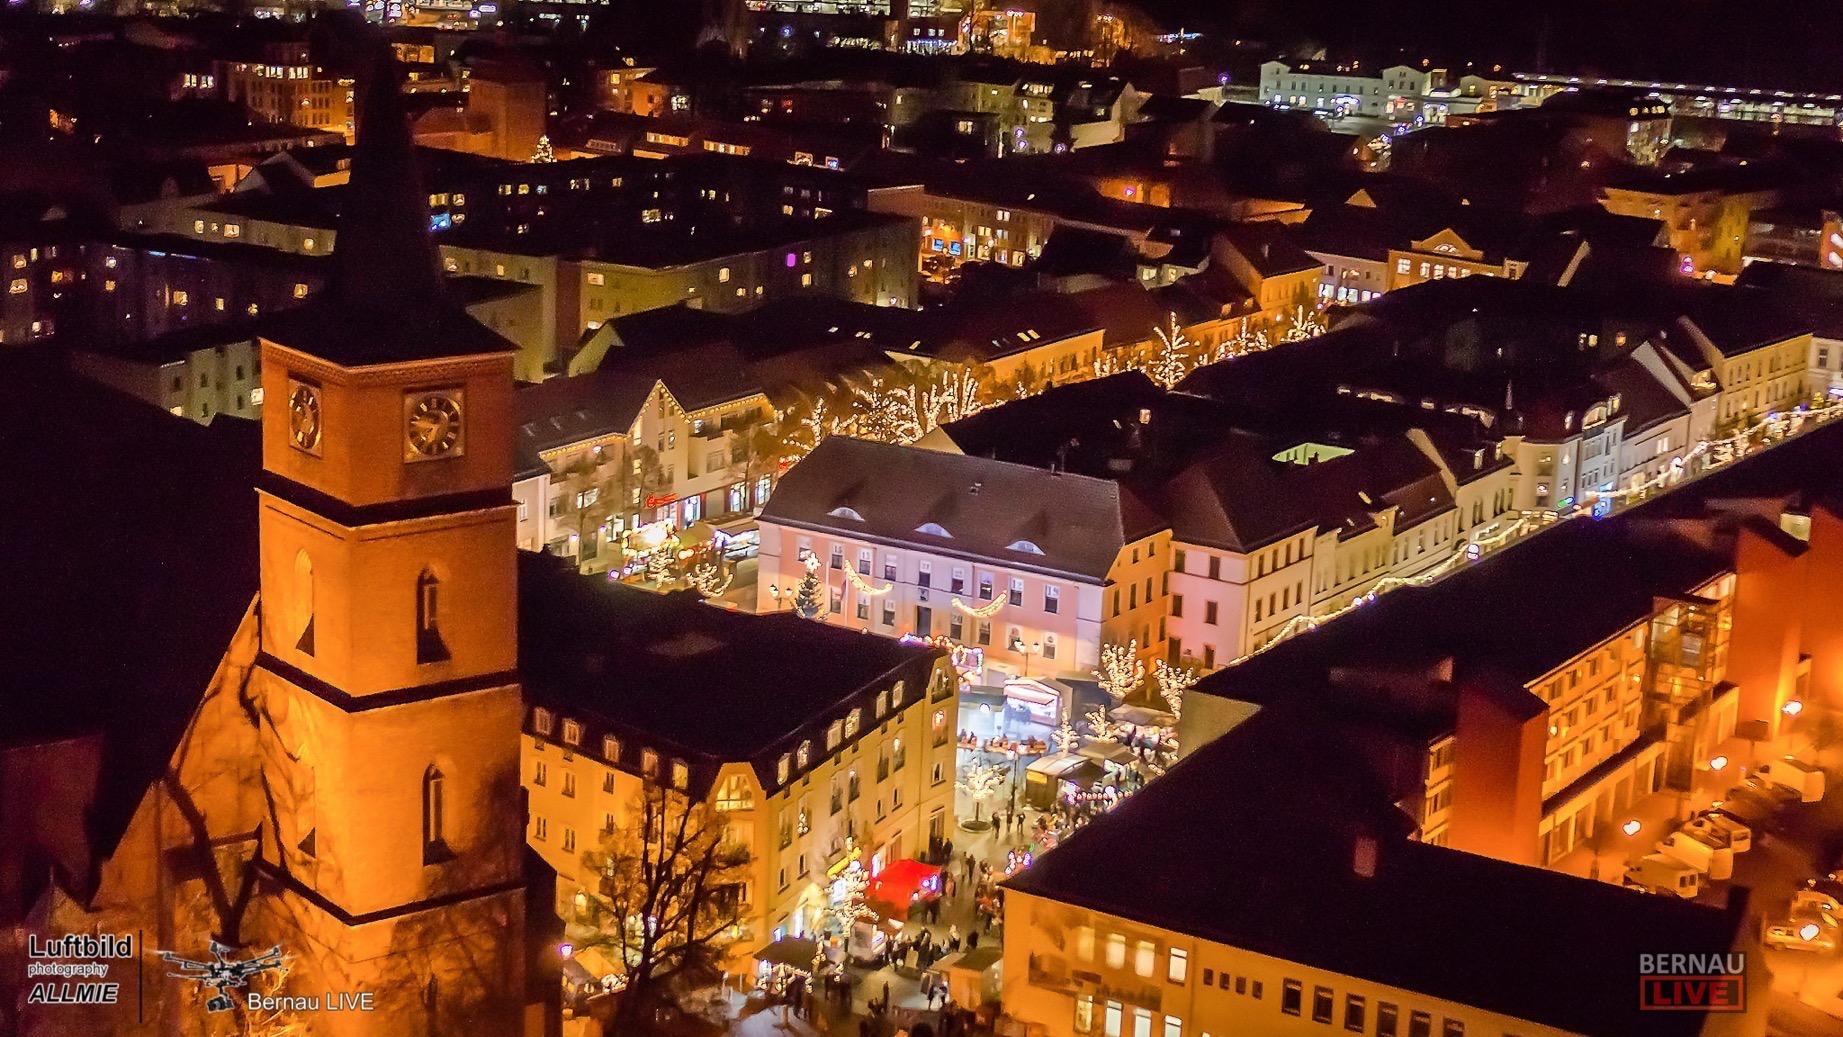 Wo Ist Weihnachtsmarkt Heute.Weihnachtsmarkt Bernau Heute Noch Bis 21 Uhr Geöffnet